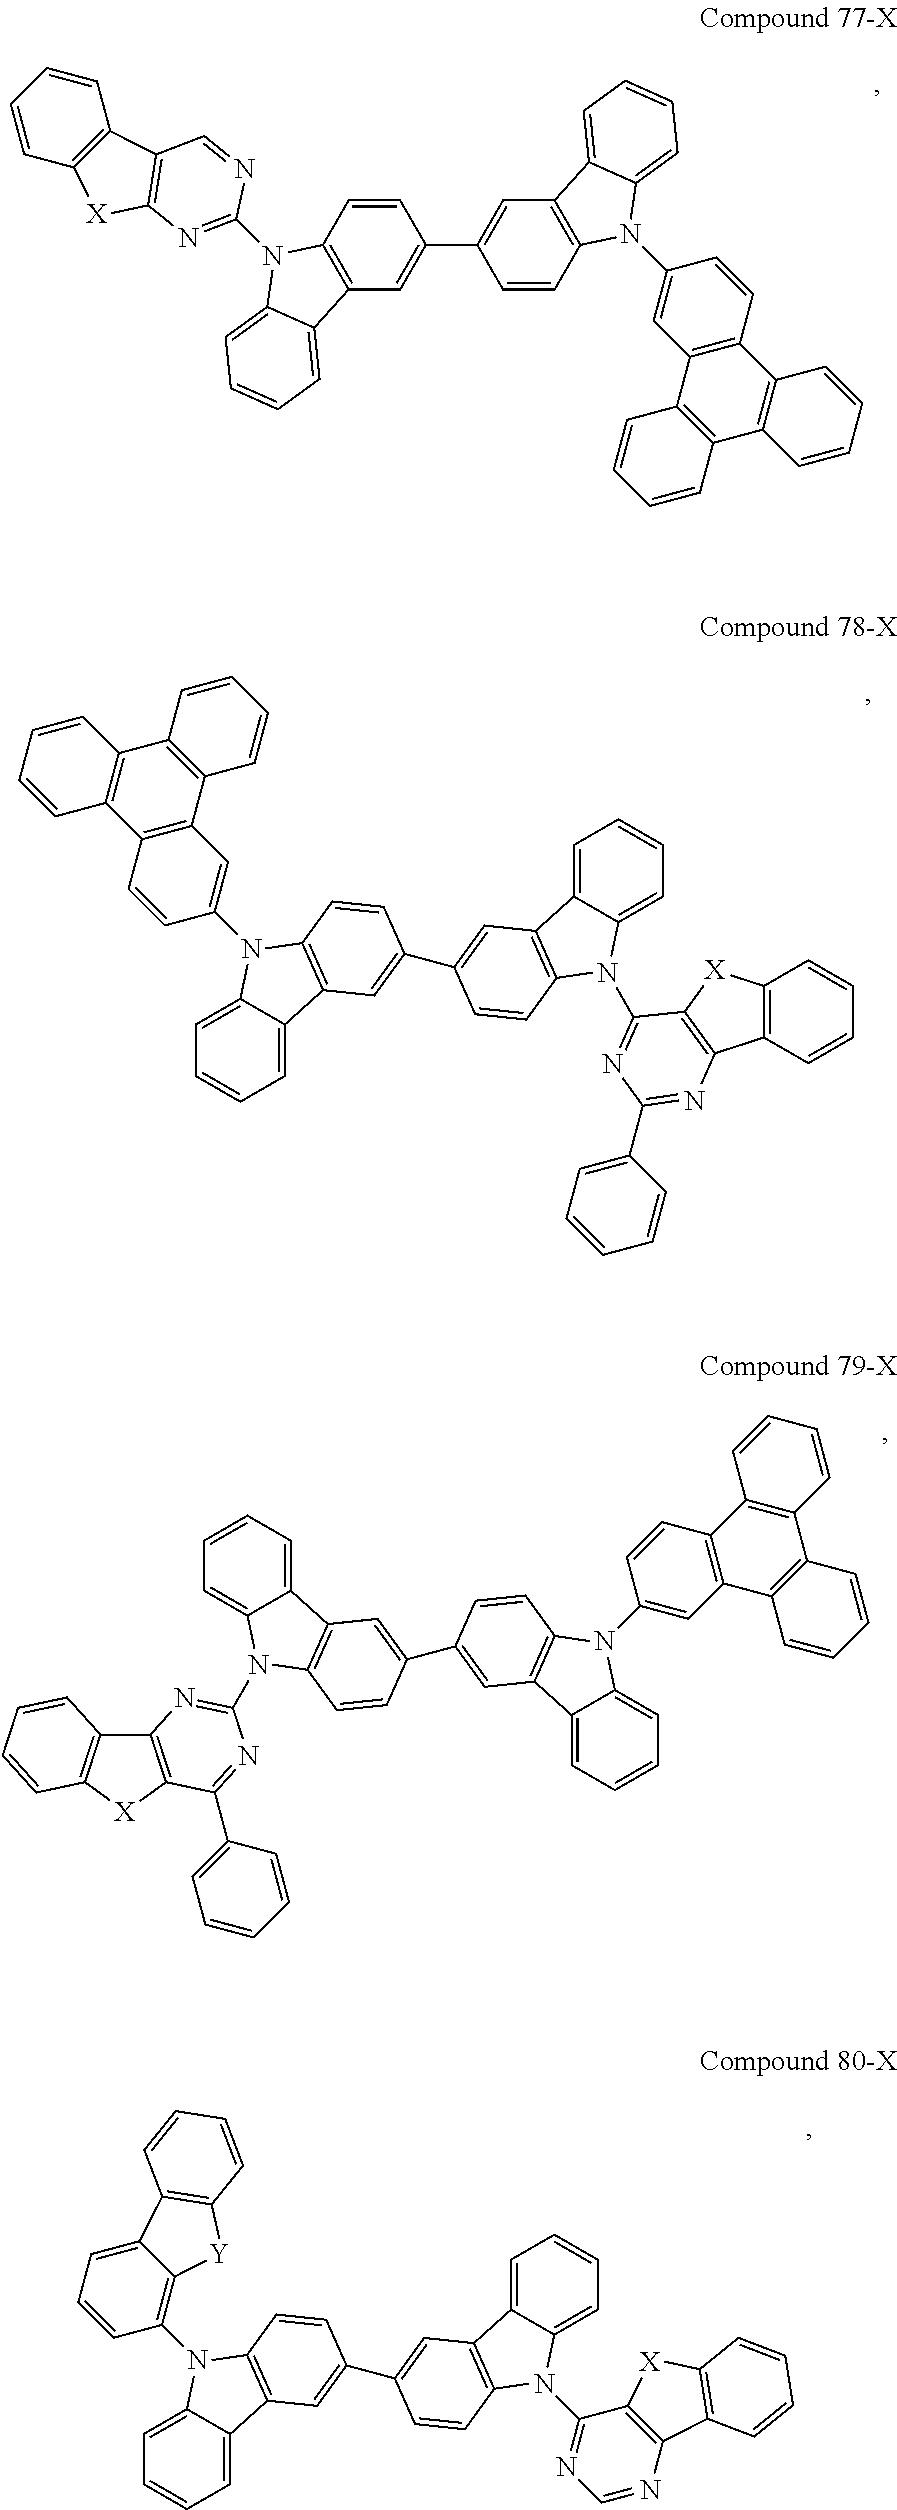 Figure US09553274-20170124-C00023